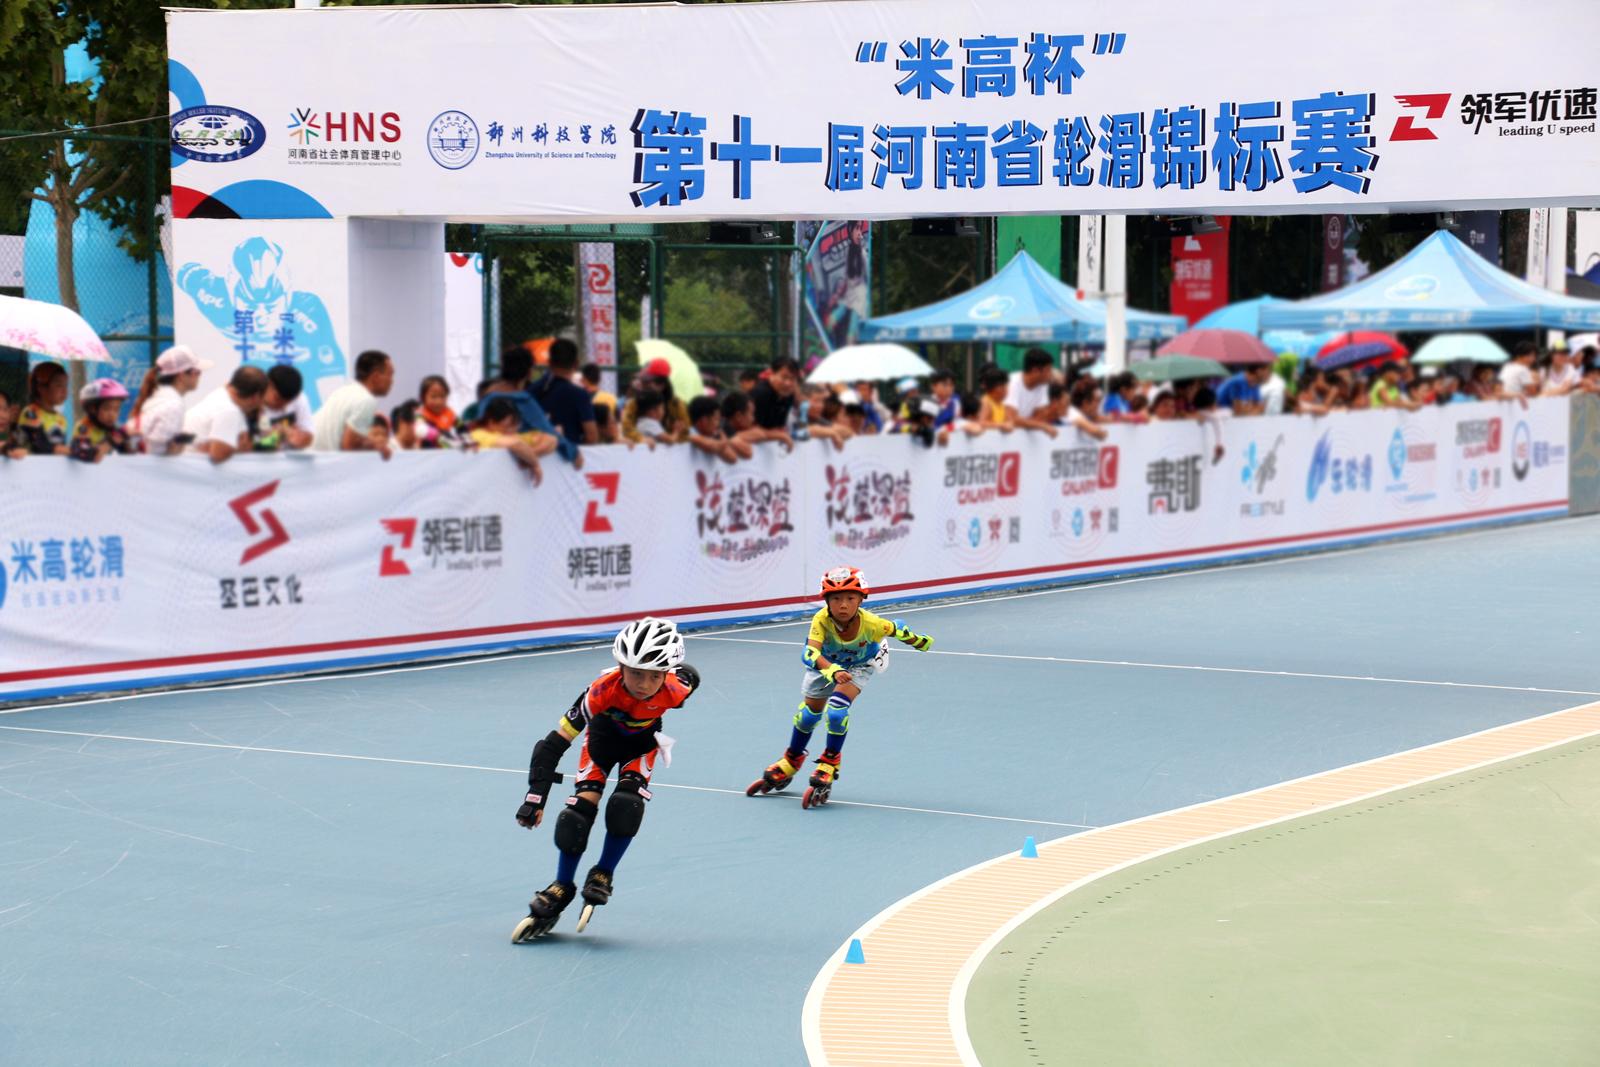 河南省轮滑锦标赛速度轮滑比赛